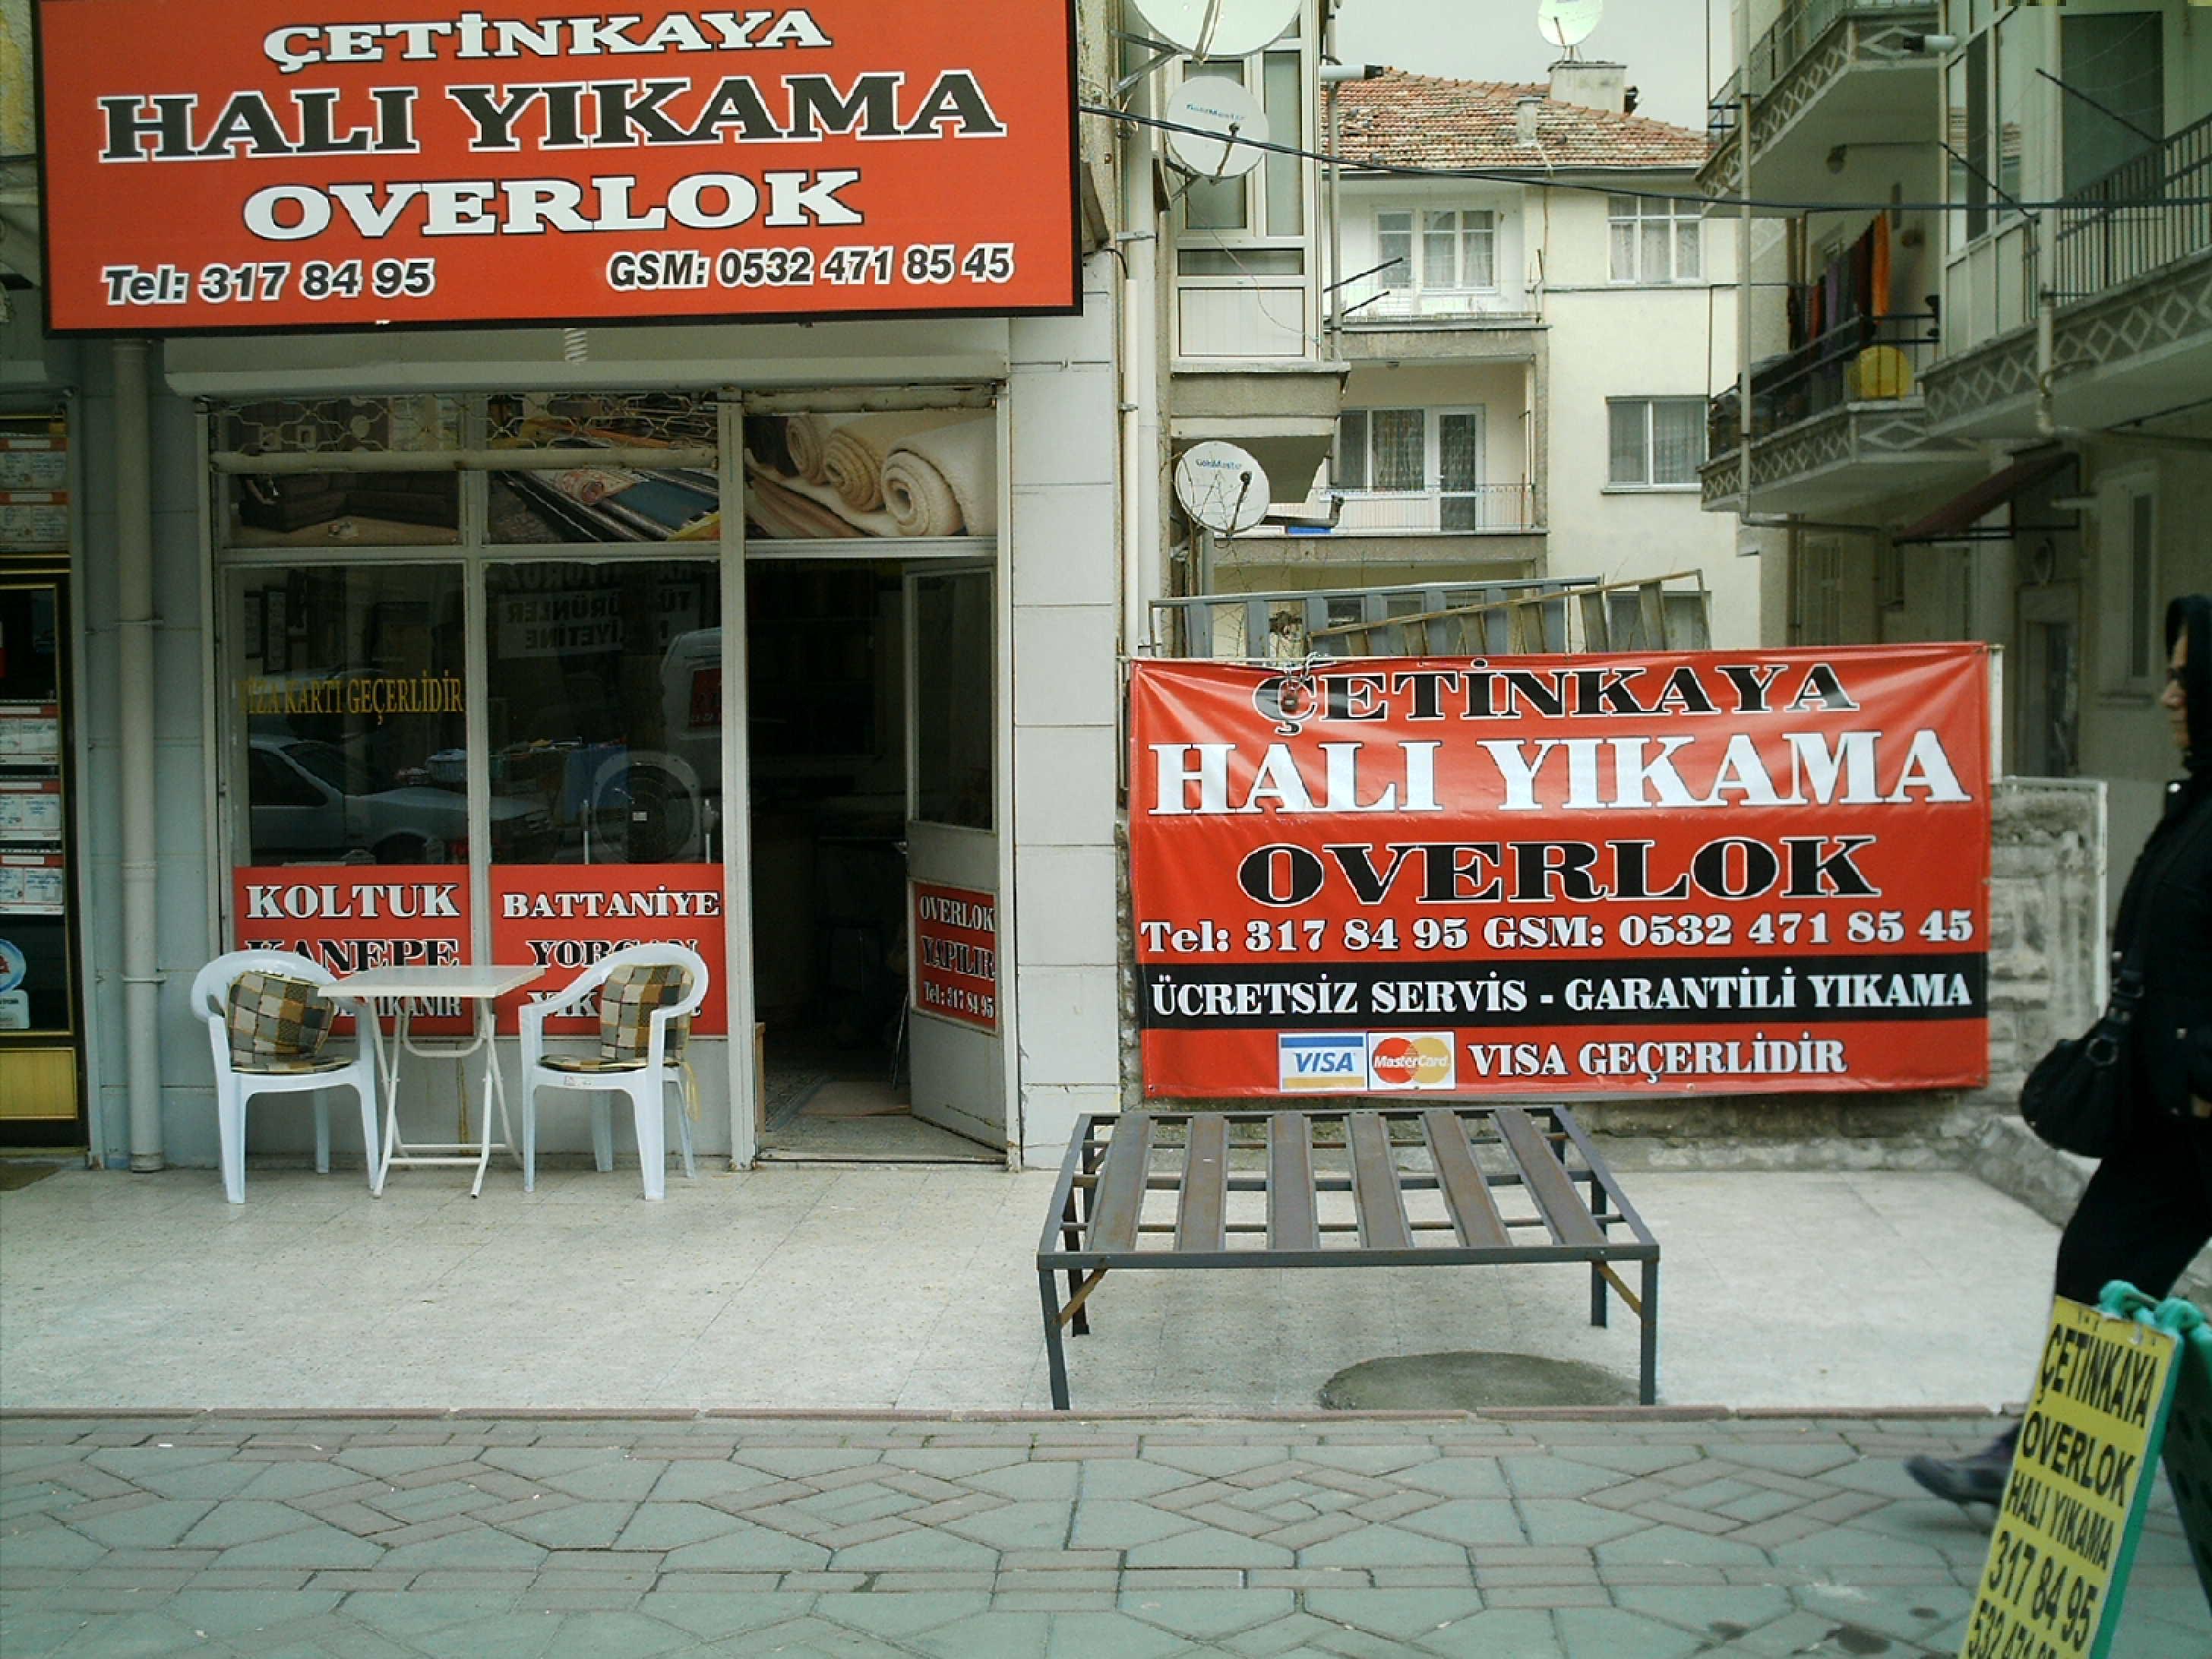 besikkaya_hali_yikama-1